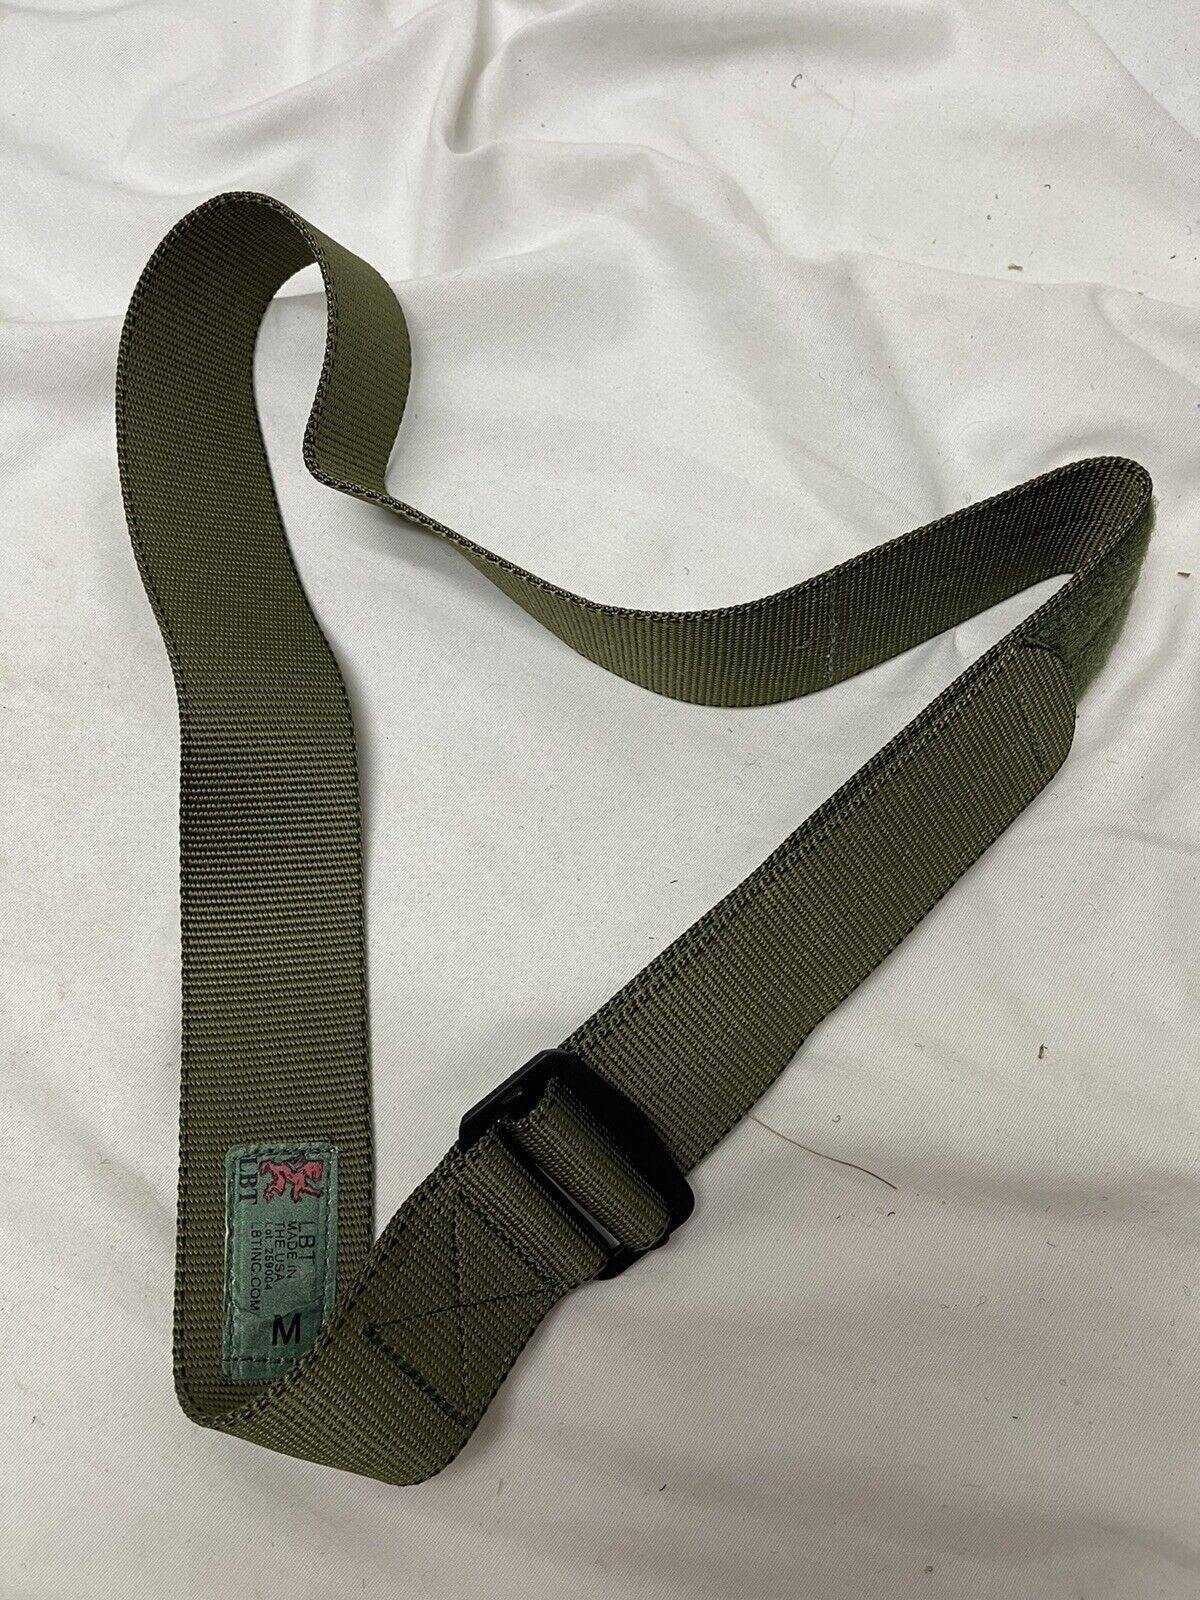 London Brücke LBT-0612C Uniform Ausleger Gürtel Olive Grau M